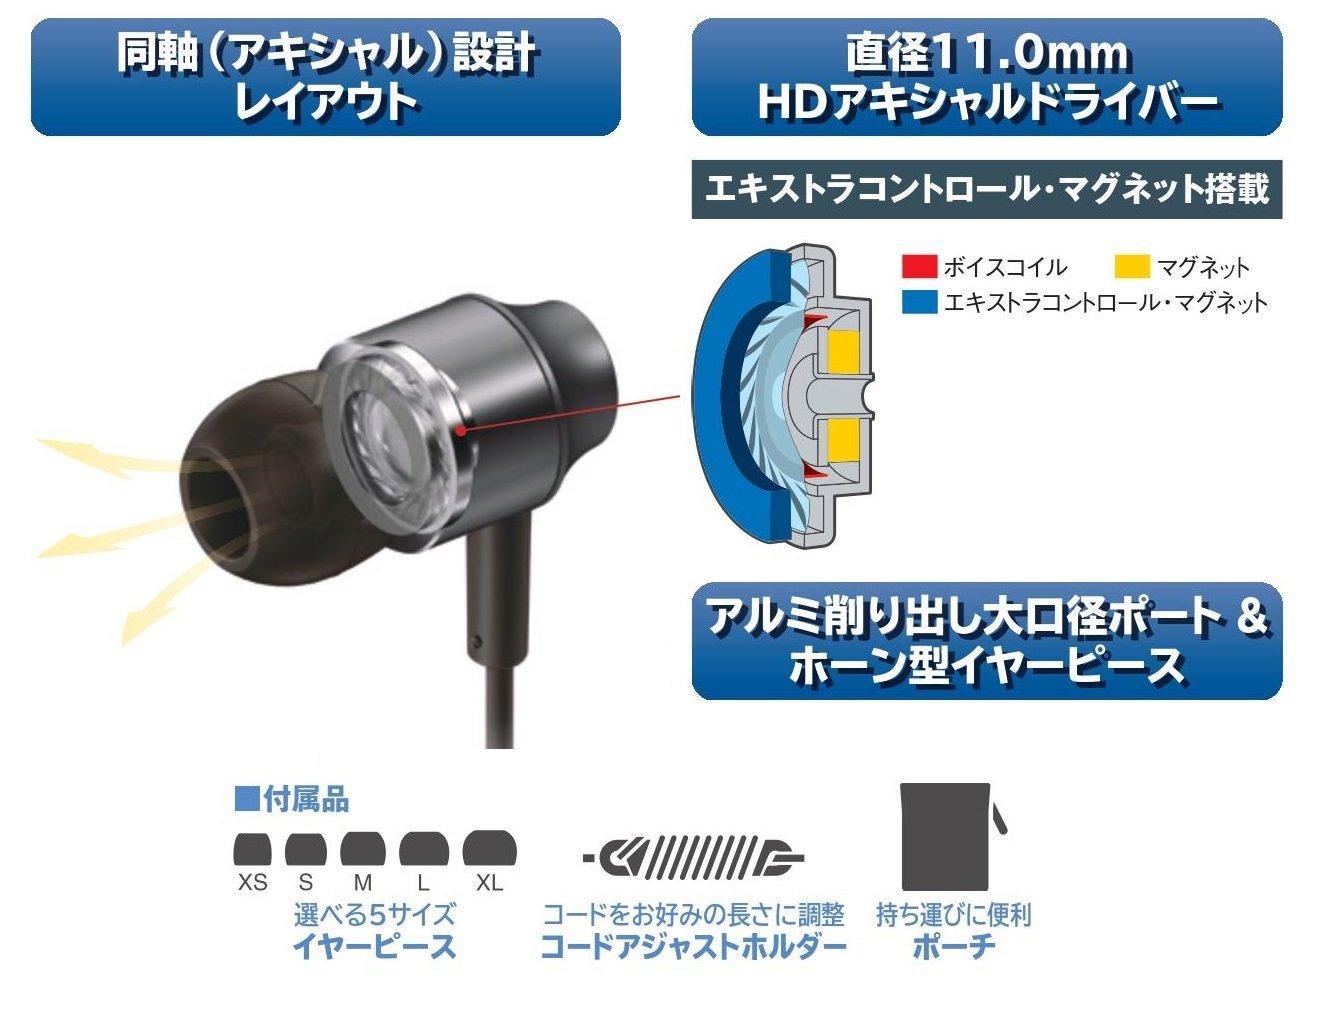 Panasonic RP-HDE3